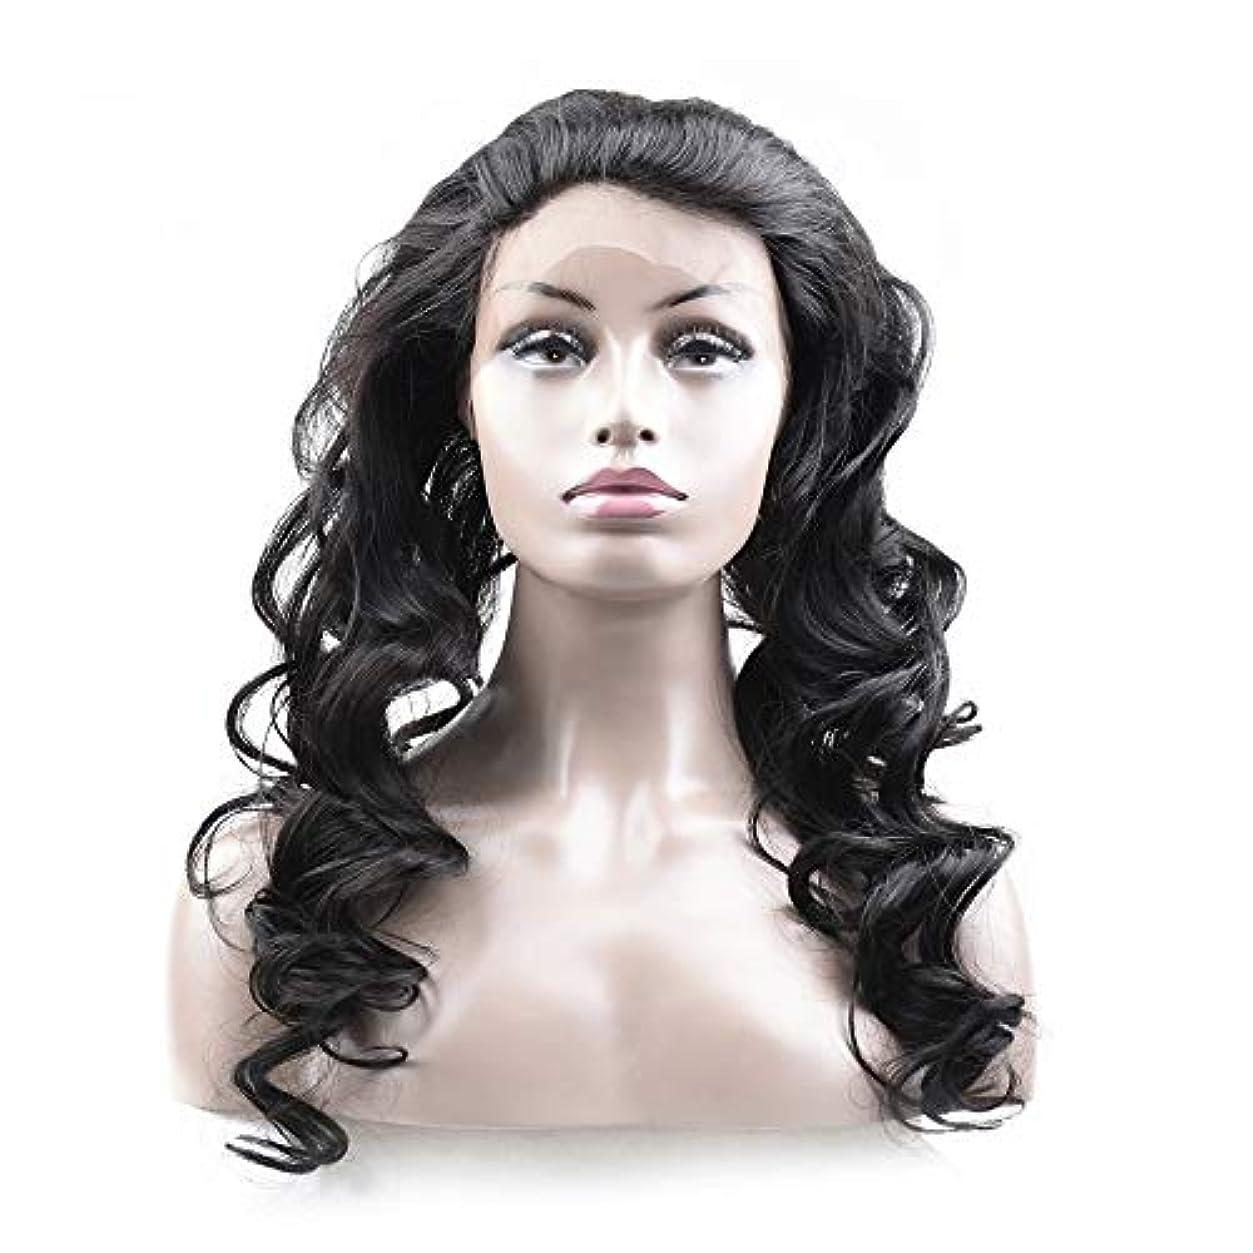 どれでもロッド再現するJULYTER ブラジルの人間の髪の毛360レース前頭閉鎖緩い波髪フルレース用黒人女性リアルな色 (色 : 黒, サイズ : 18 inch)